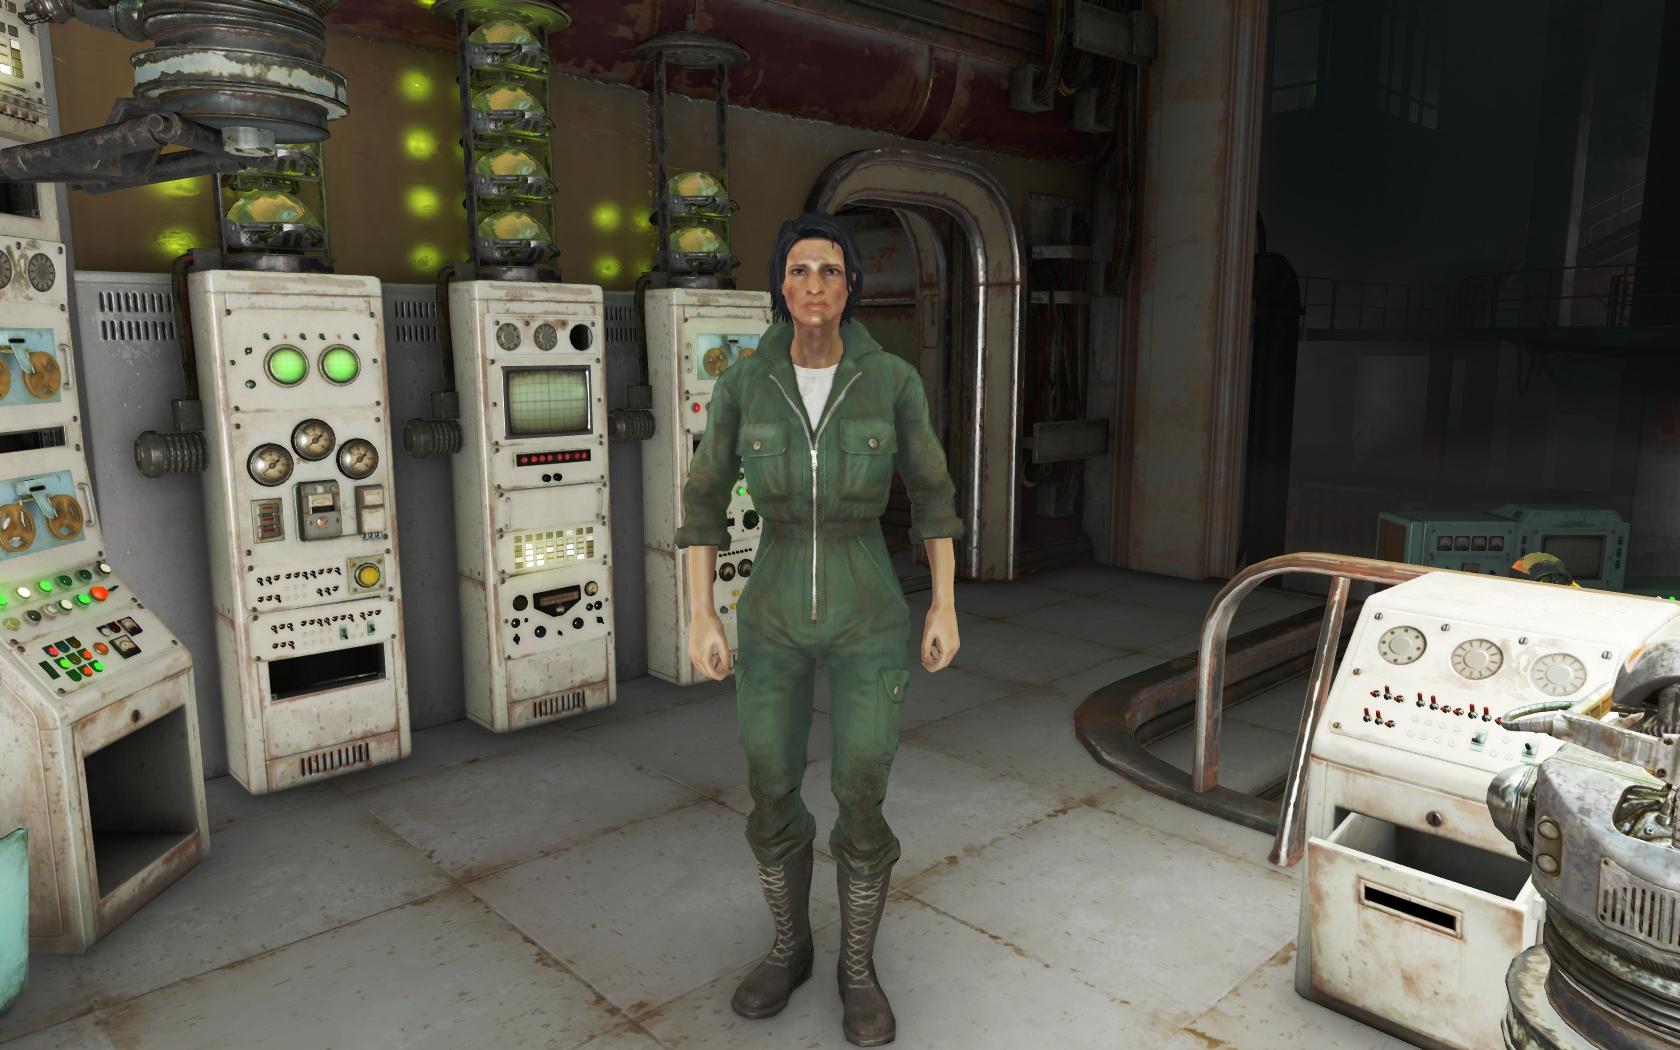 Иcабель Крус (Логово Механиста) - Fallout 4 Иcабель, Иcабель Крус, Крус, Логово Механиста, Механист